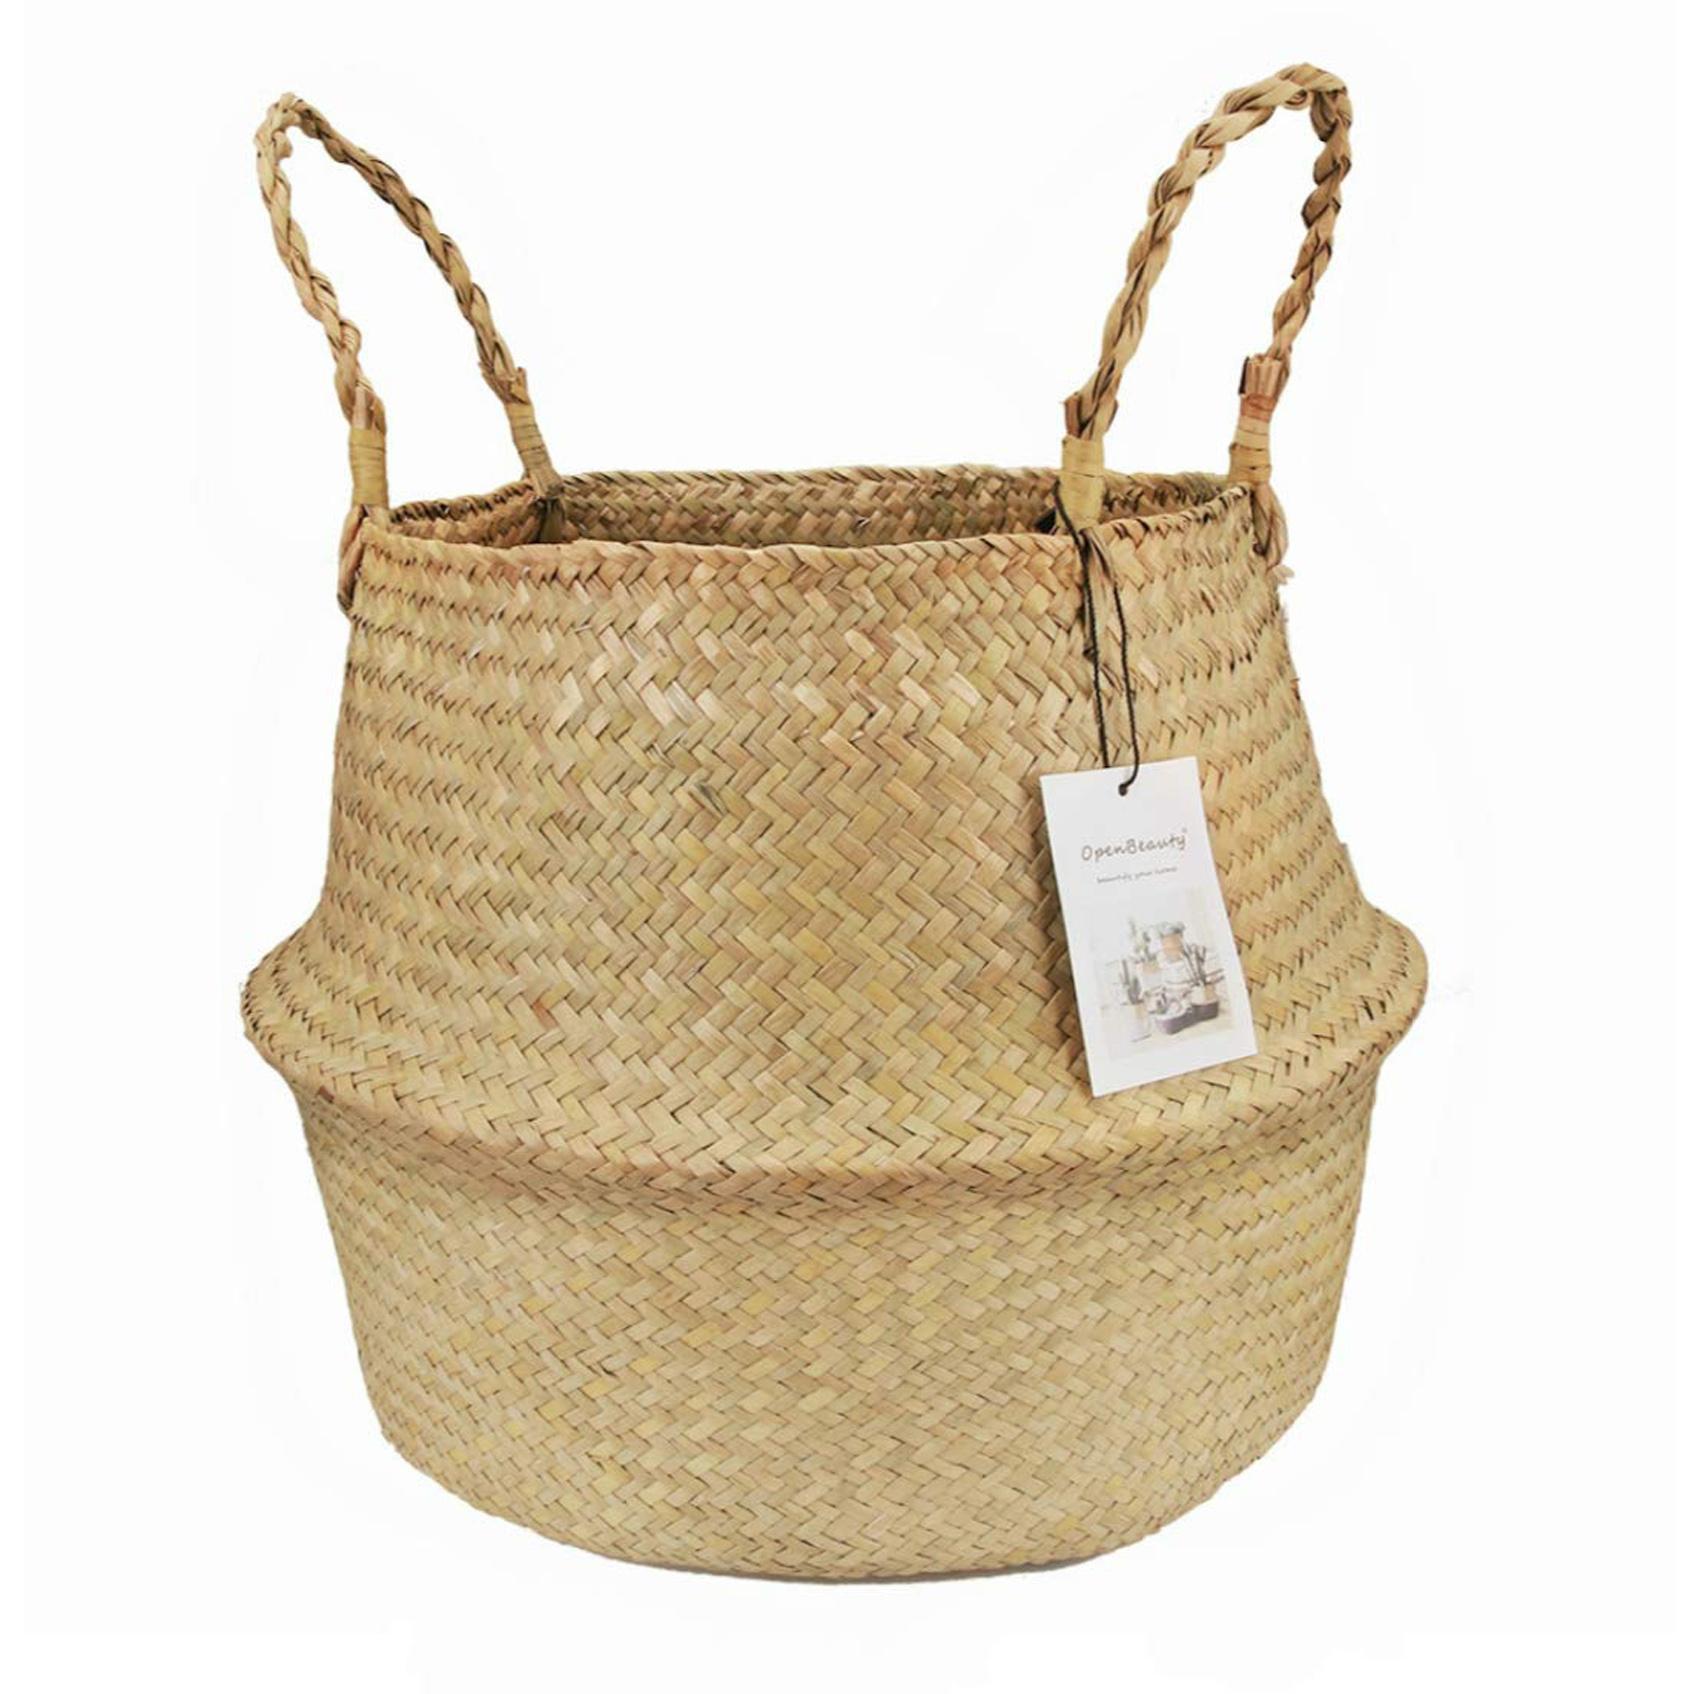 seagrass basket, boho-chic home decor